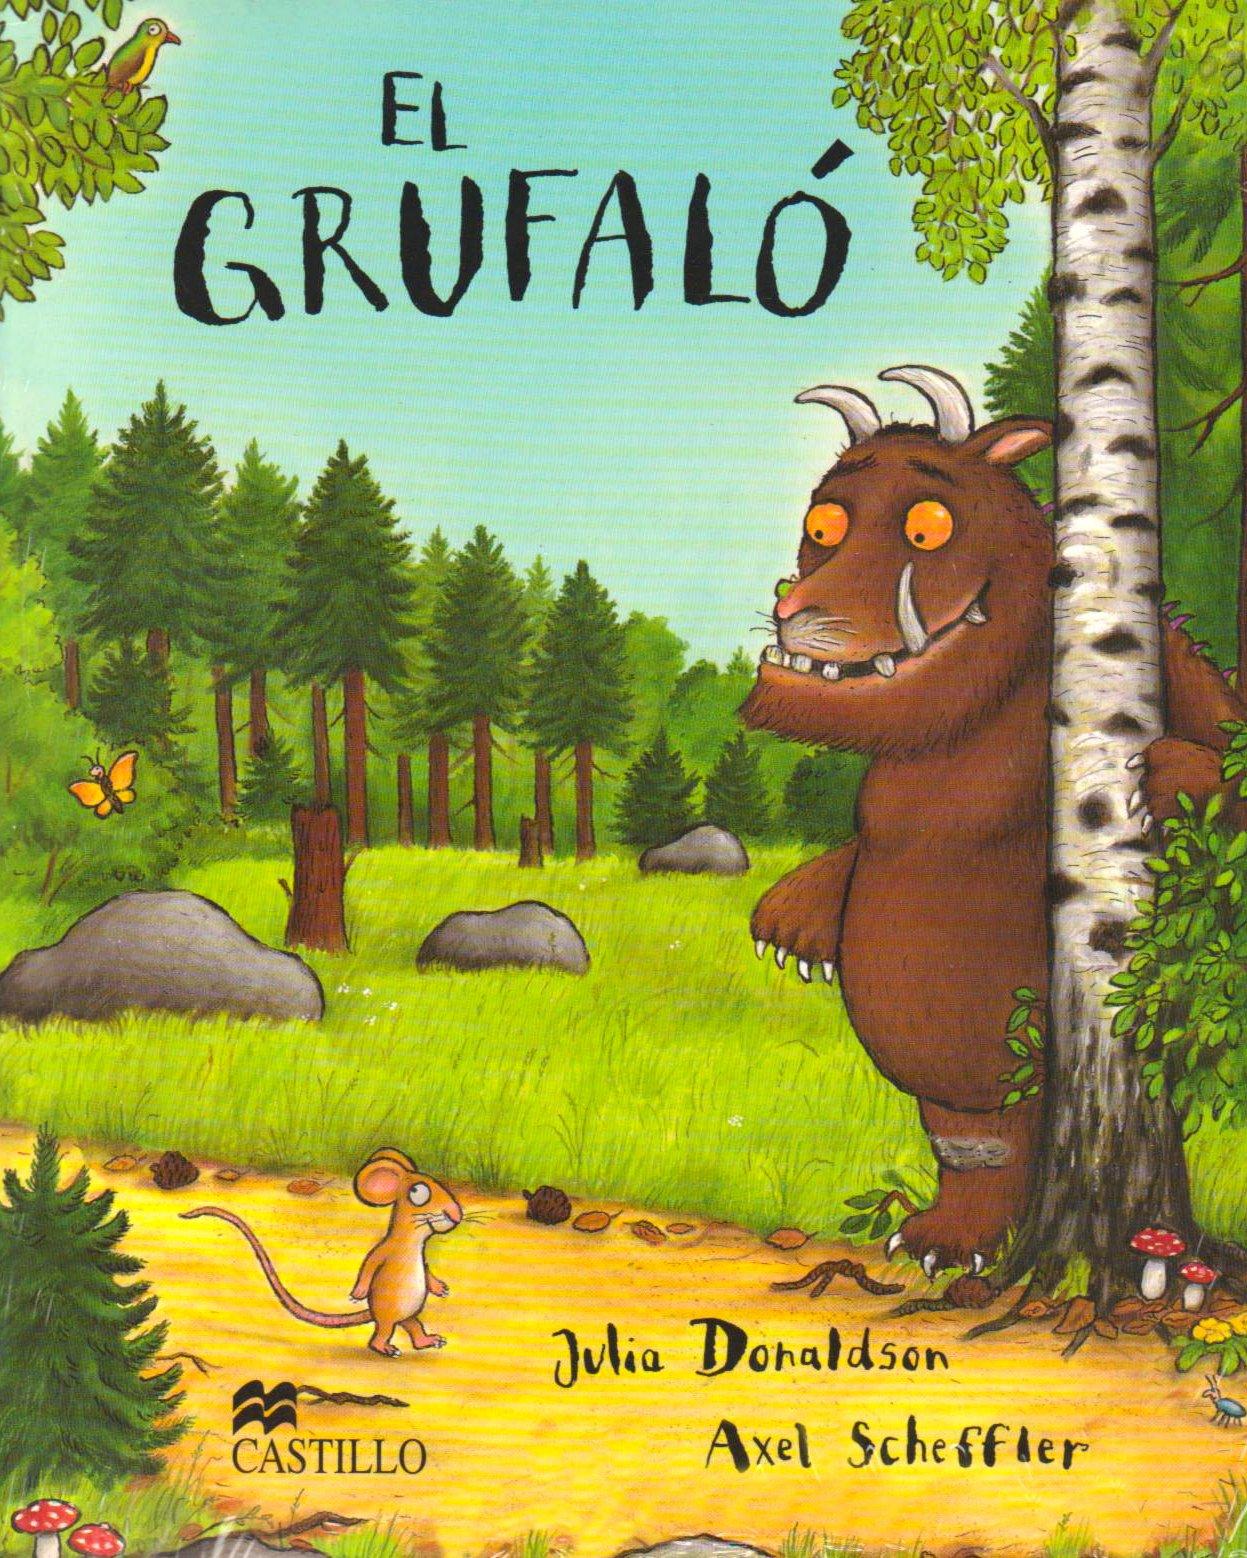 El Grufaló   Autor: Julia Donaldson  Ilustrador: Axel Scheffler  La historia comienza con un pequeño ratón caminando por el bosque, en su camino, se encuentra con diferentes animales que ¡se lo quieren comer!  Pero el ratón, que es MUY inteligente, les cuenta que va a comer con su amigo El Grufaló, un monstruo enorme que es mitad oso y mitad búfalo. ¿Se imaginan la sorpresa del ratón cuando al final del camino se encuentra al Grufaló?  Este libro ha vendido más de ¡13 millones de copias!, ha ganado muchos premios de literatura infantil y ha sido adaptado al cine y al teatro.